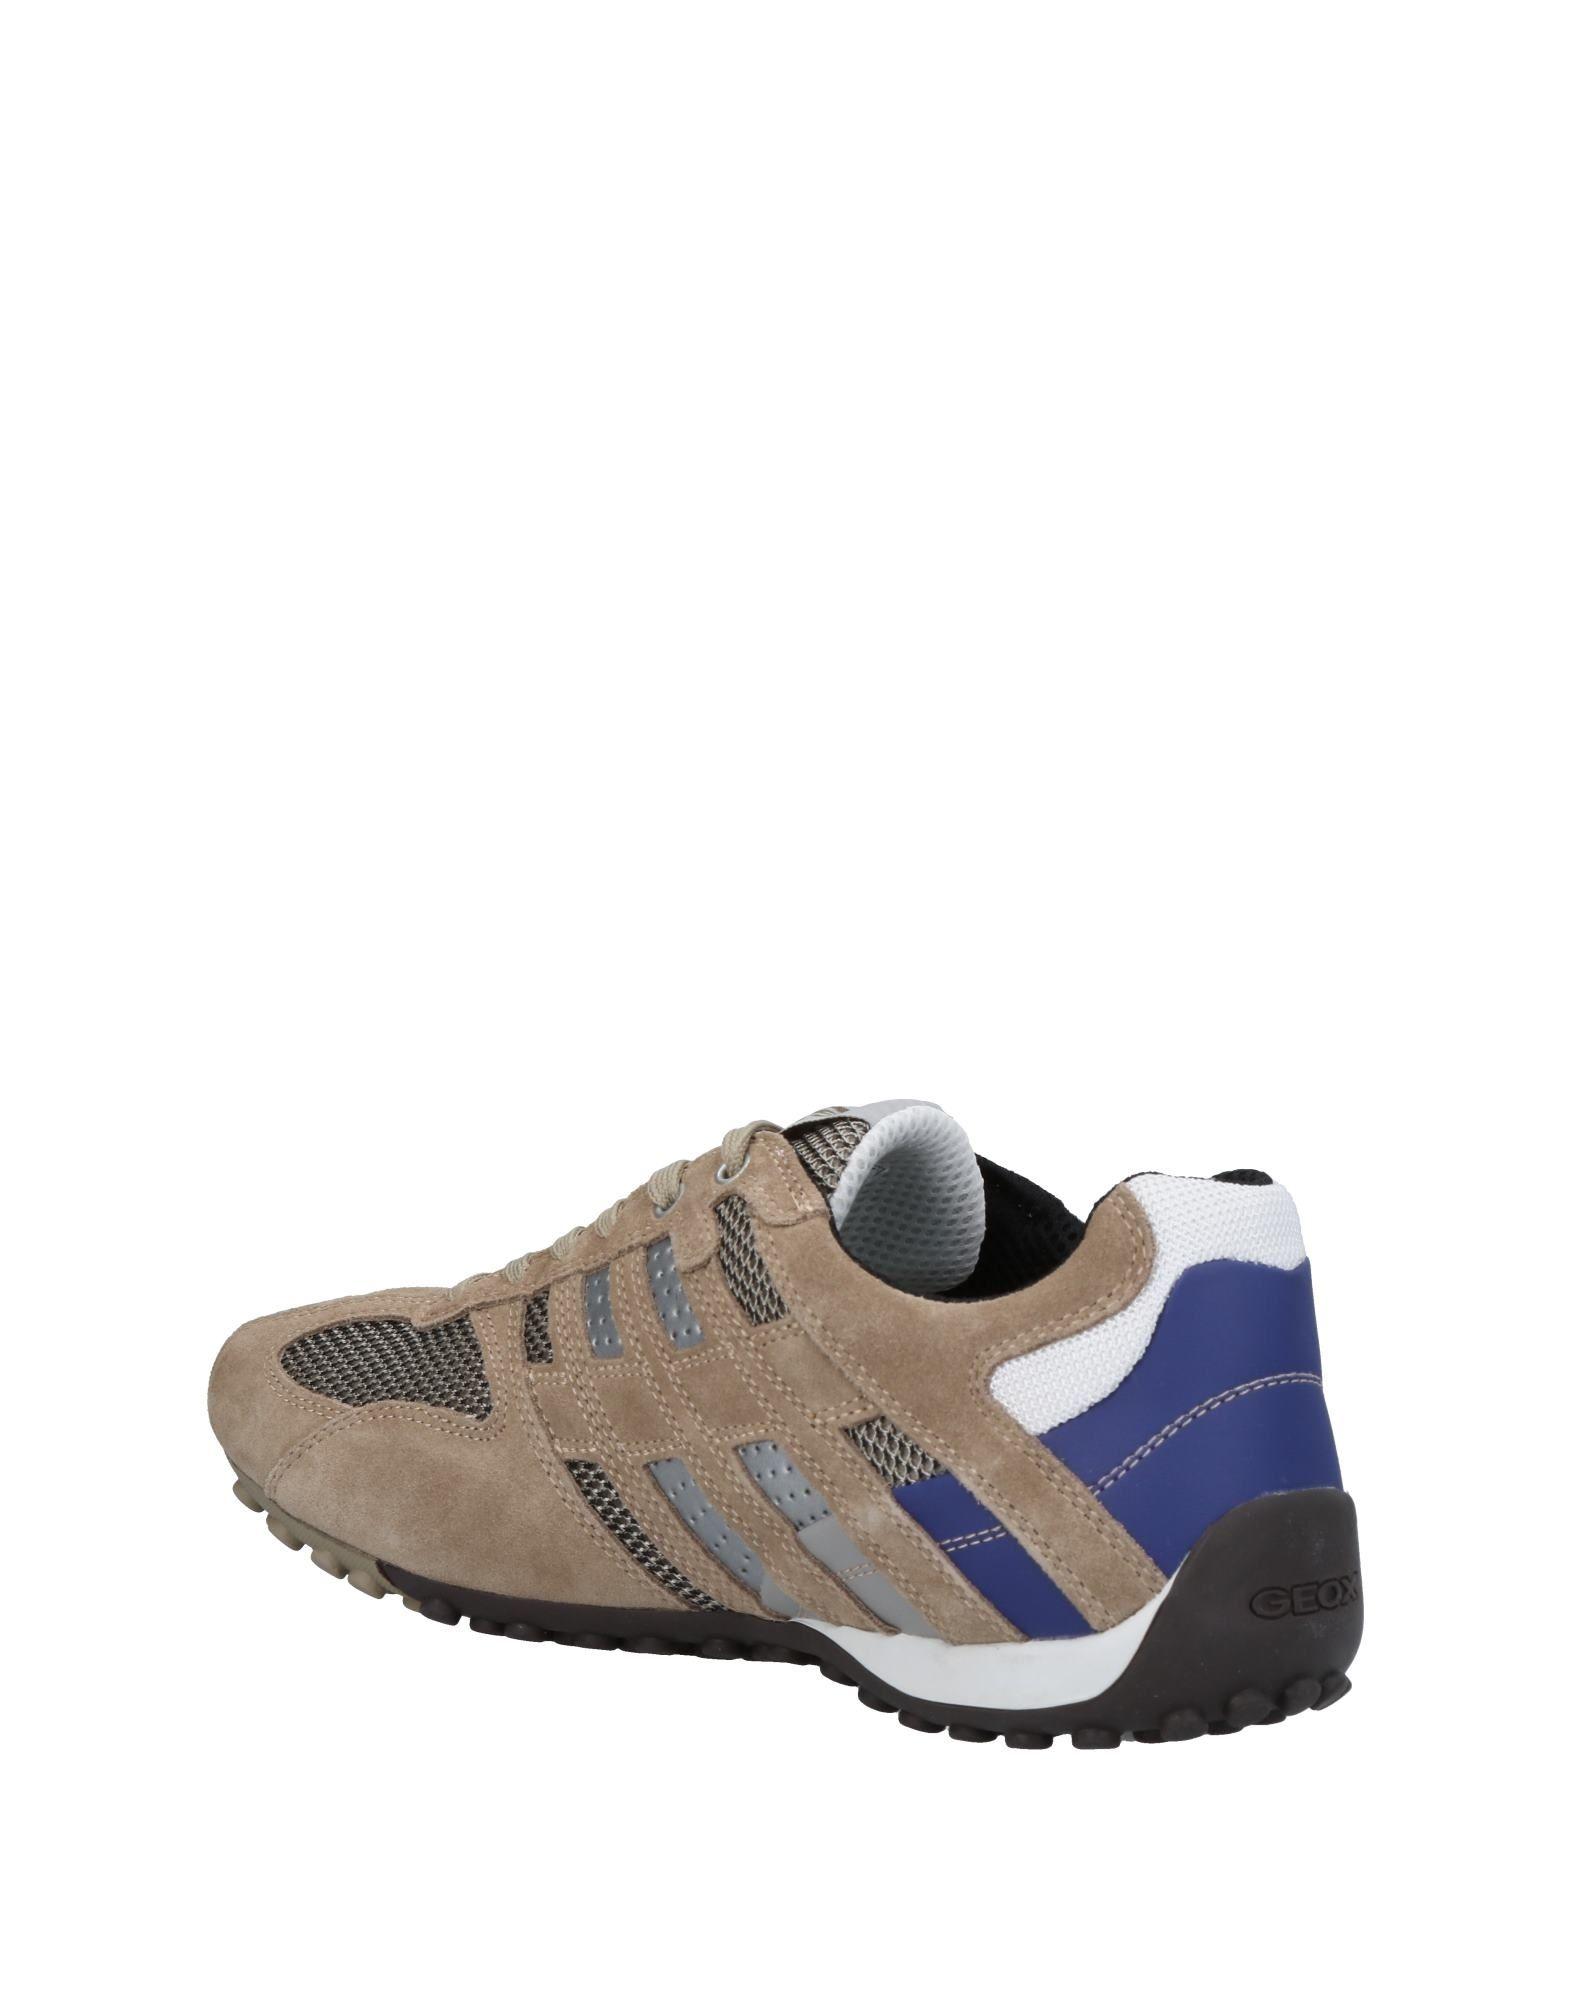 Rabatt 44798230UI echte Schuhe Geox Sneakers Herren  44798230UI Rabatt f1f010